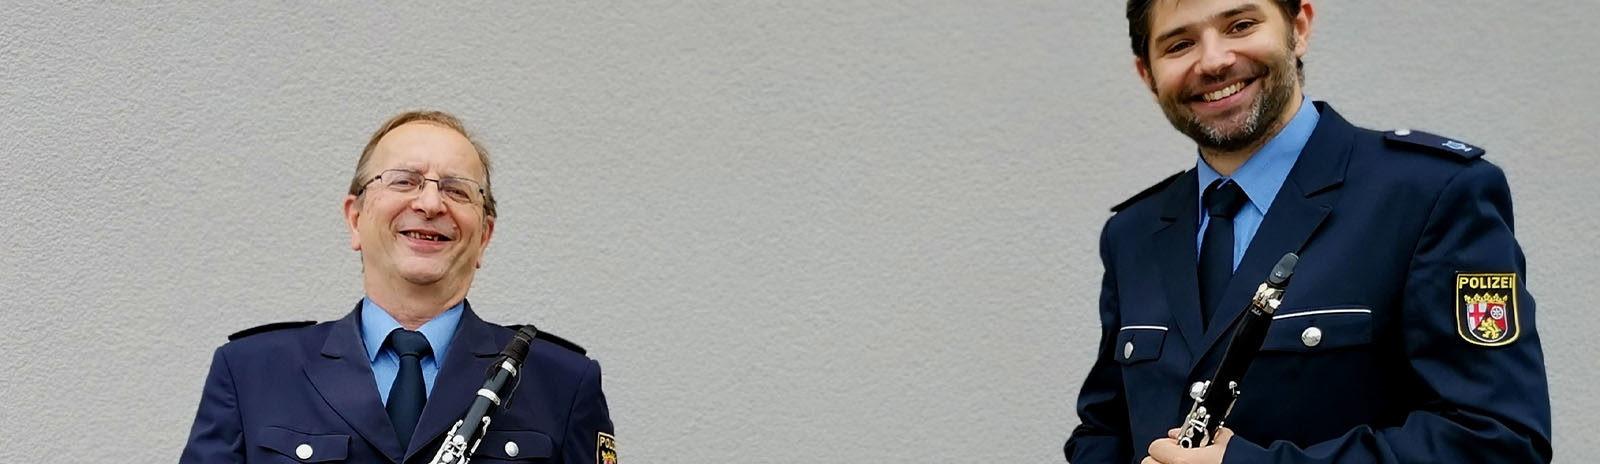 Haus_im_Glantal_Polizeikonzert_slider